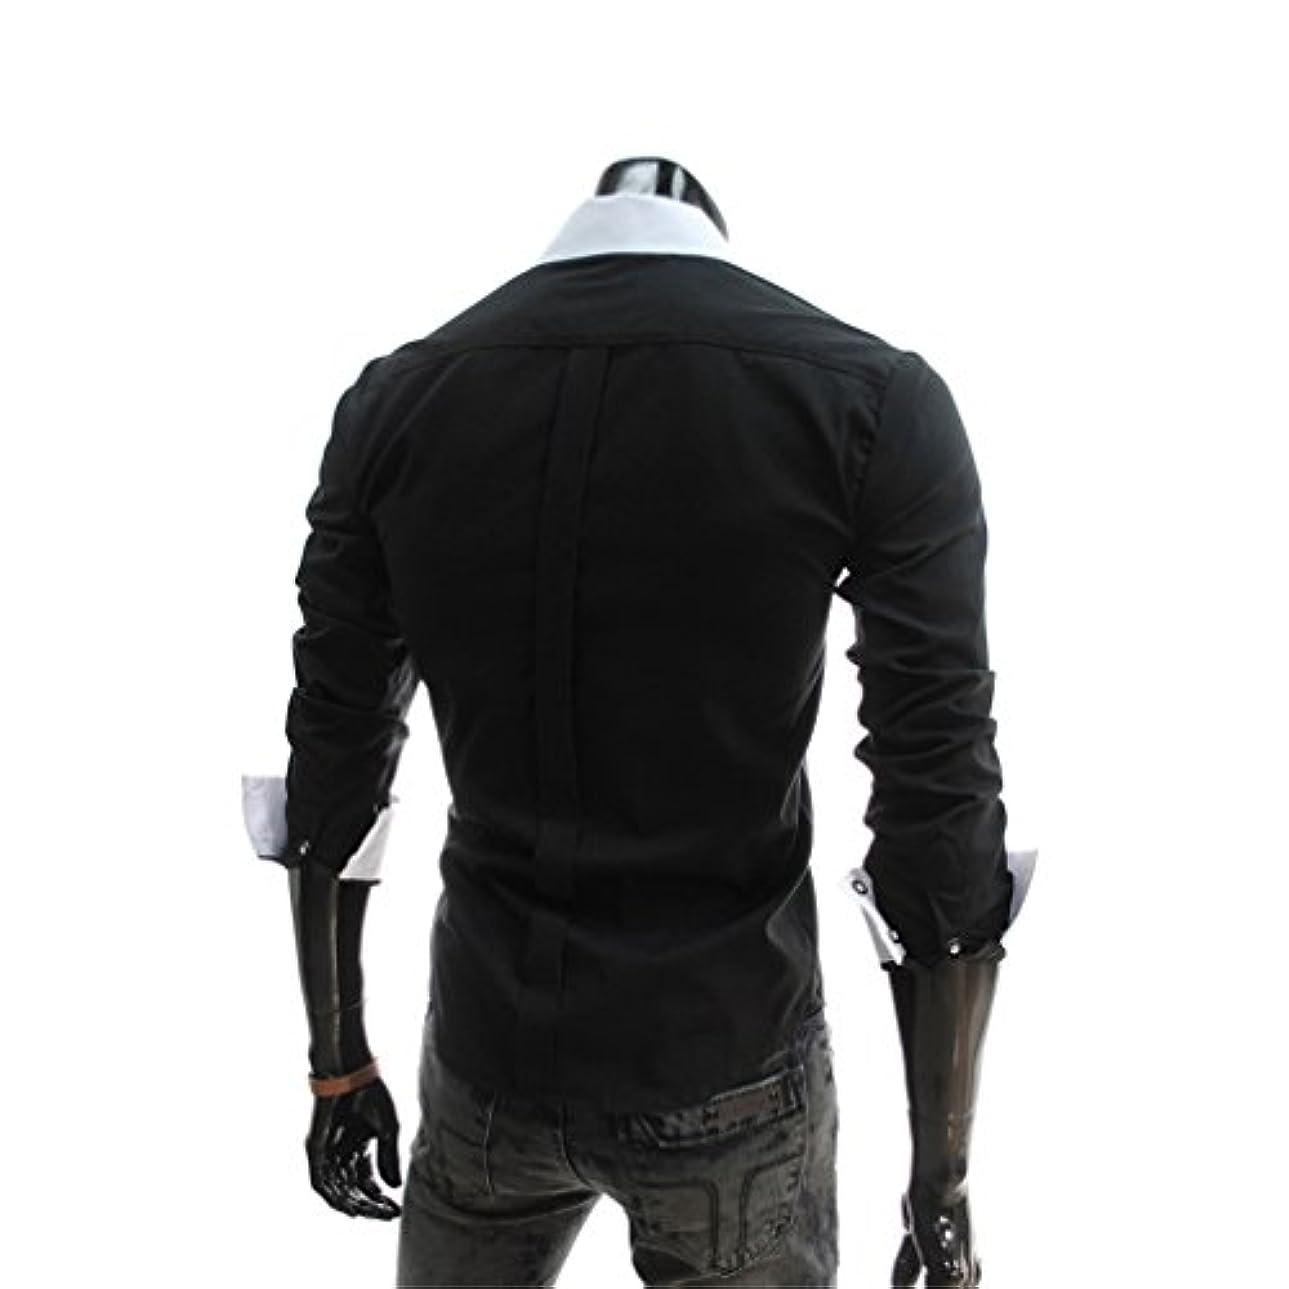 汗くさびアドバンテージHonghu メンズ シャツ 長袖 スリム  ブラック L 1PC